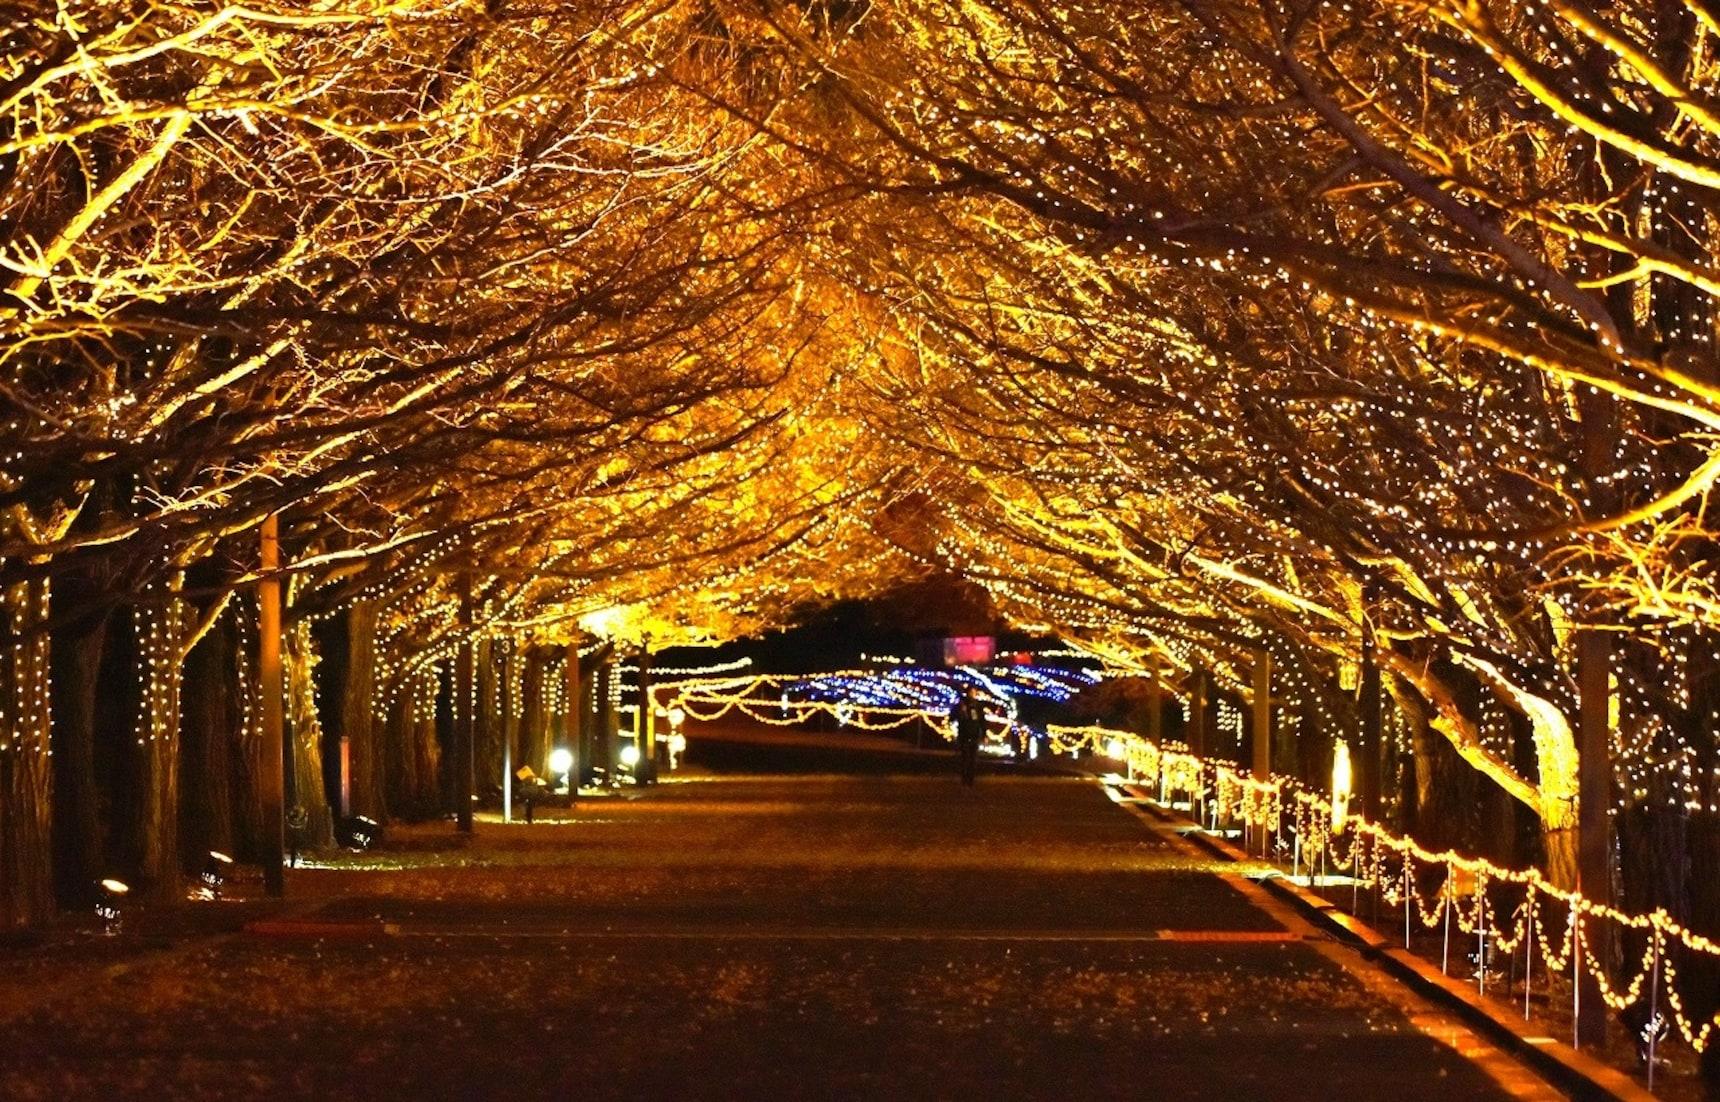 【東京自由行】2019-20聖誕繽紛燈飾巡禮地圖(內文資訊持續更新中)